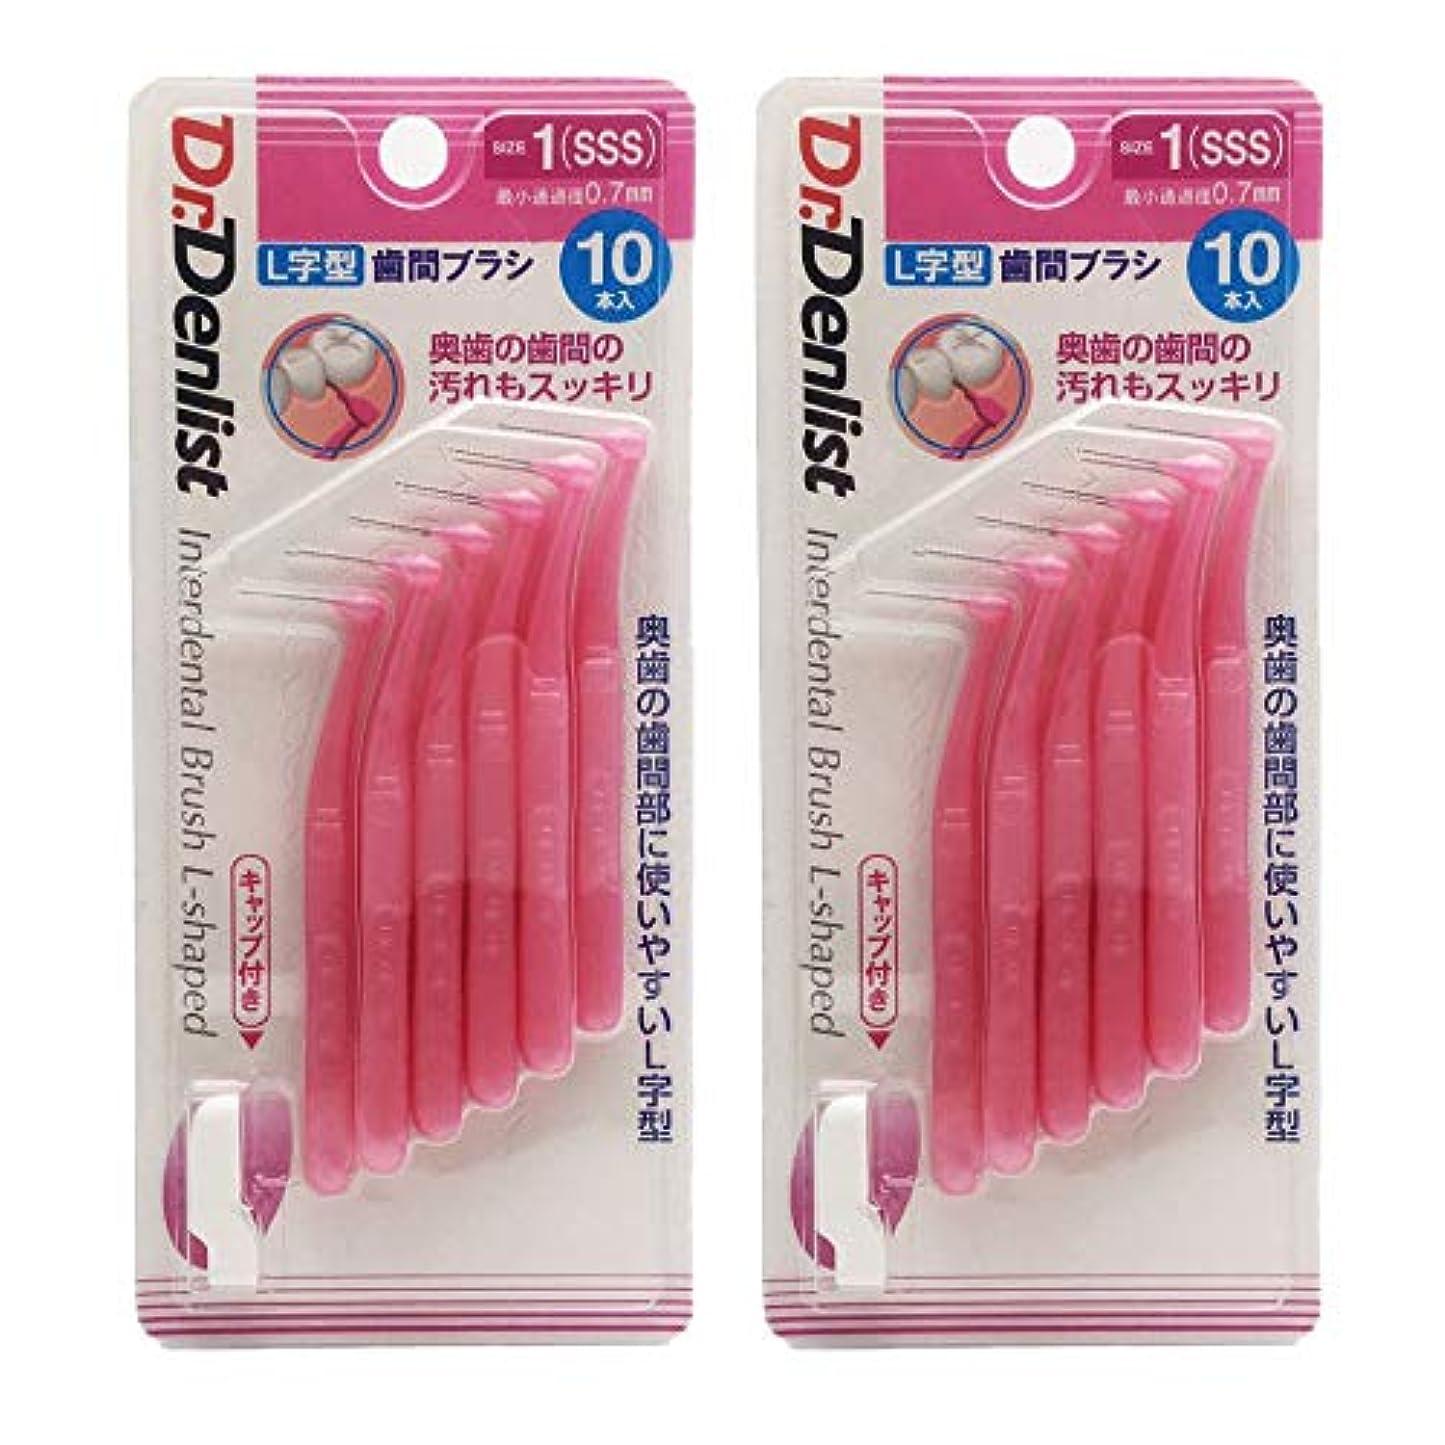 振幅練るかもしれない歯間ブラシL字型1(SSS) 10本×2個(計20本セット)最少通過径0.7mm Dr.??????l字型 歯間清掃 歯間 ようじ